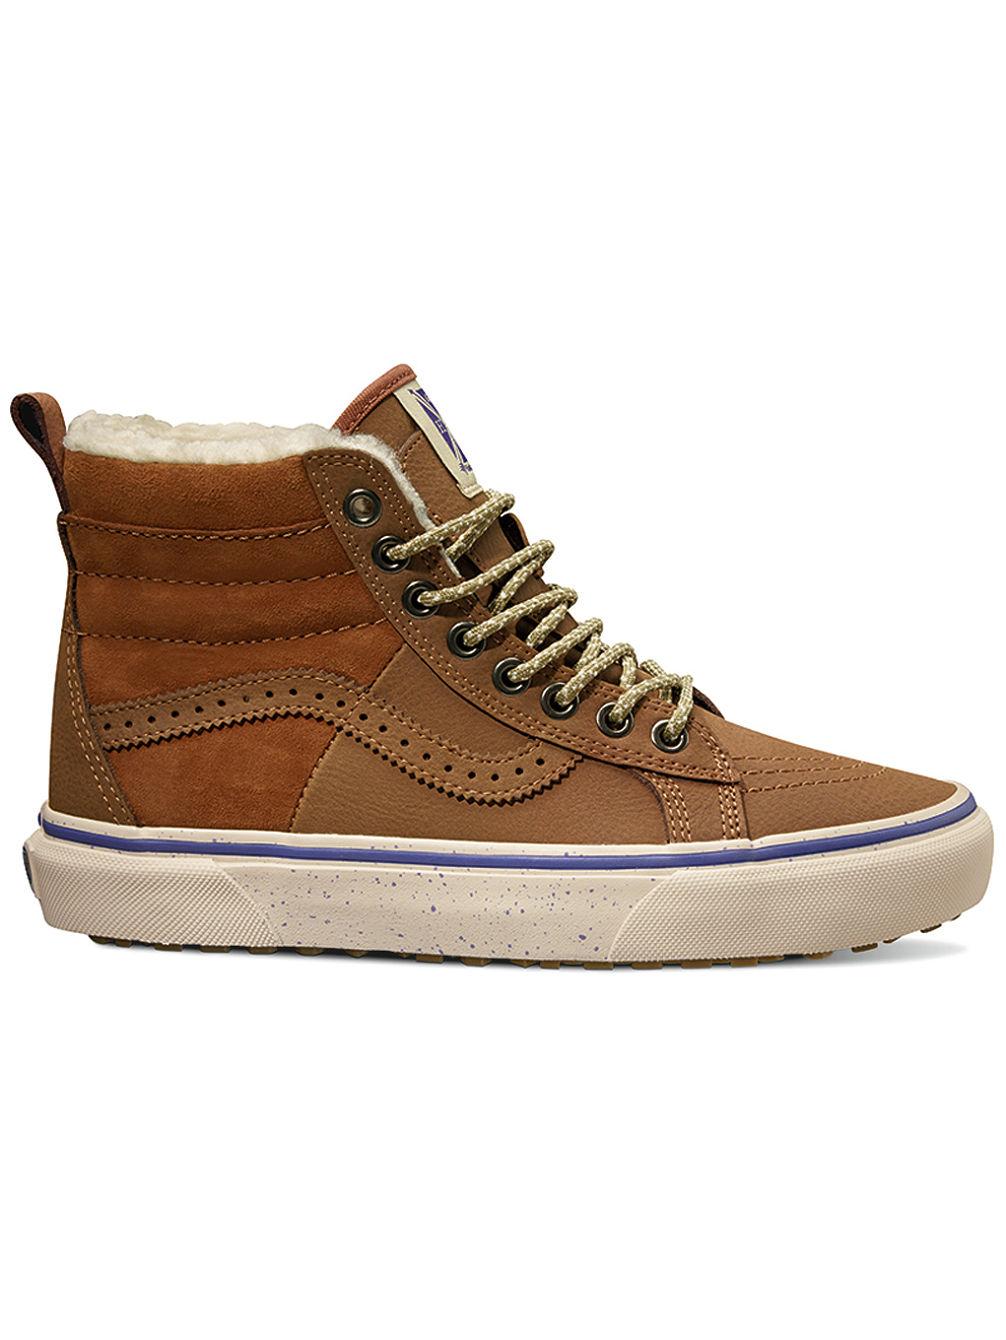 Vans Shoes Online Singapore